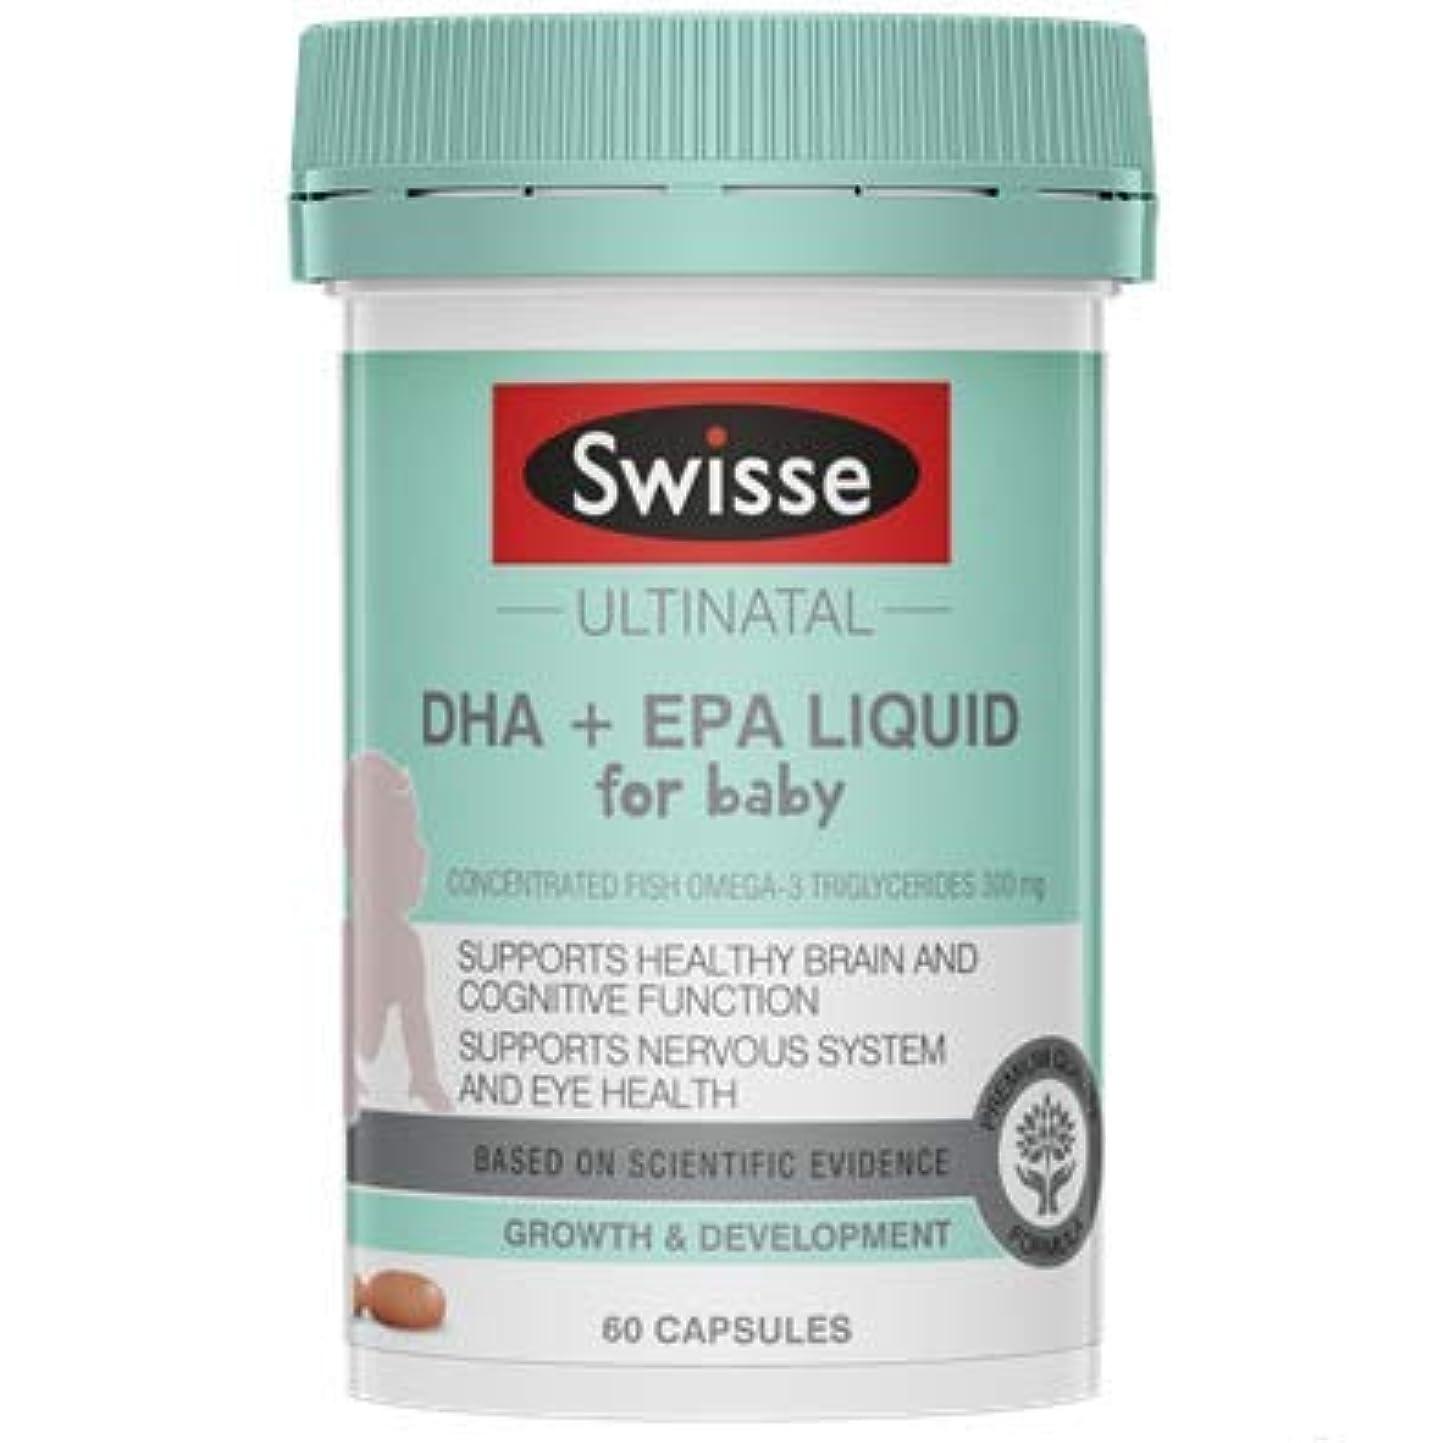 化学者米国回想Swisse Ultinatal DHA + EPA 液体 赤ちゃん用 60カプセル [豪州直送品] [並行輸入品]